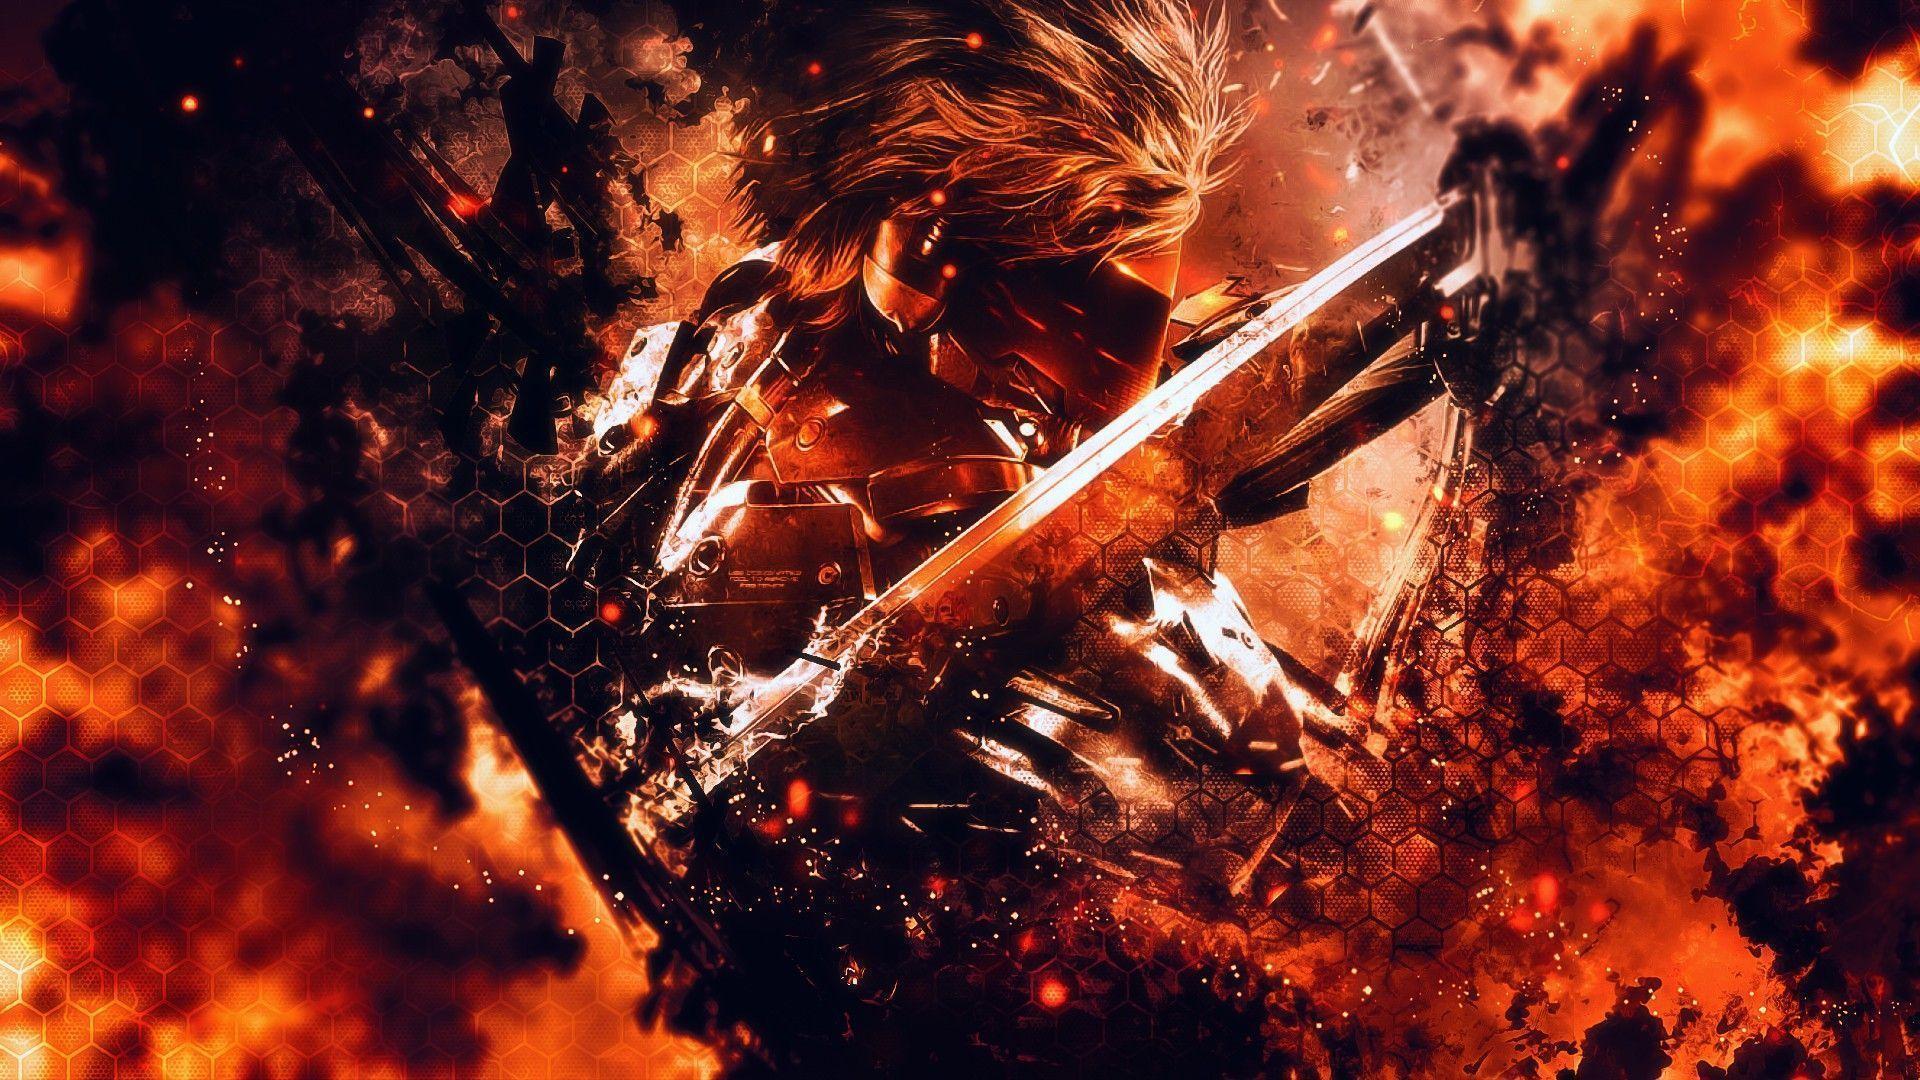 Metal Gear Rising Wallpapers Wallpaper Cave